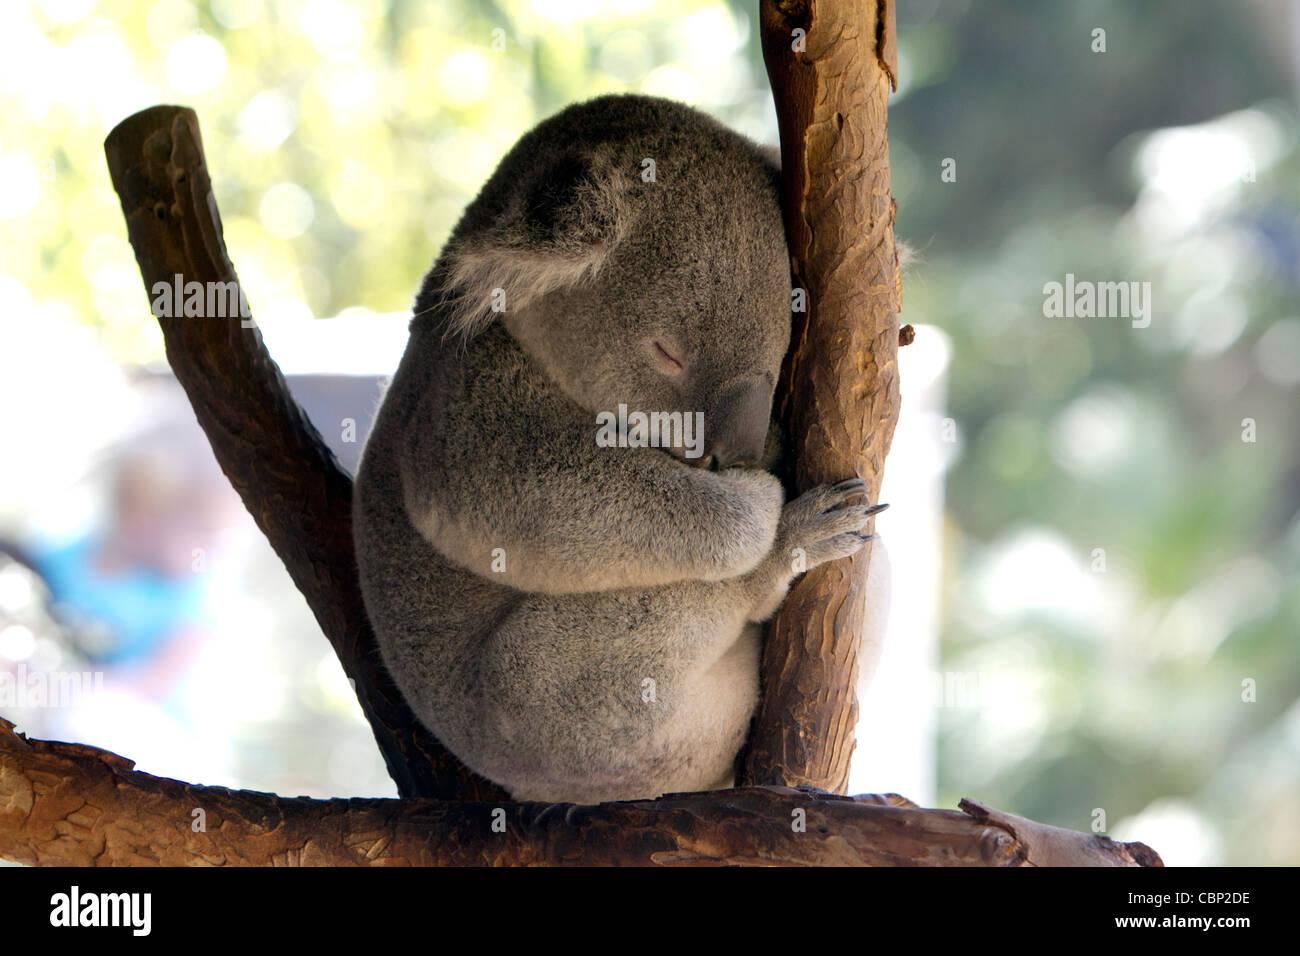 A Koala (Phascolarctos cinereus) a arboreal herbivorous marsupial native to Australia. - Stock Image